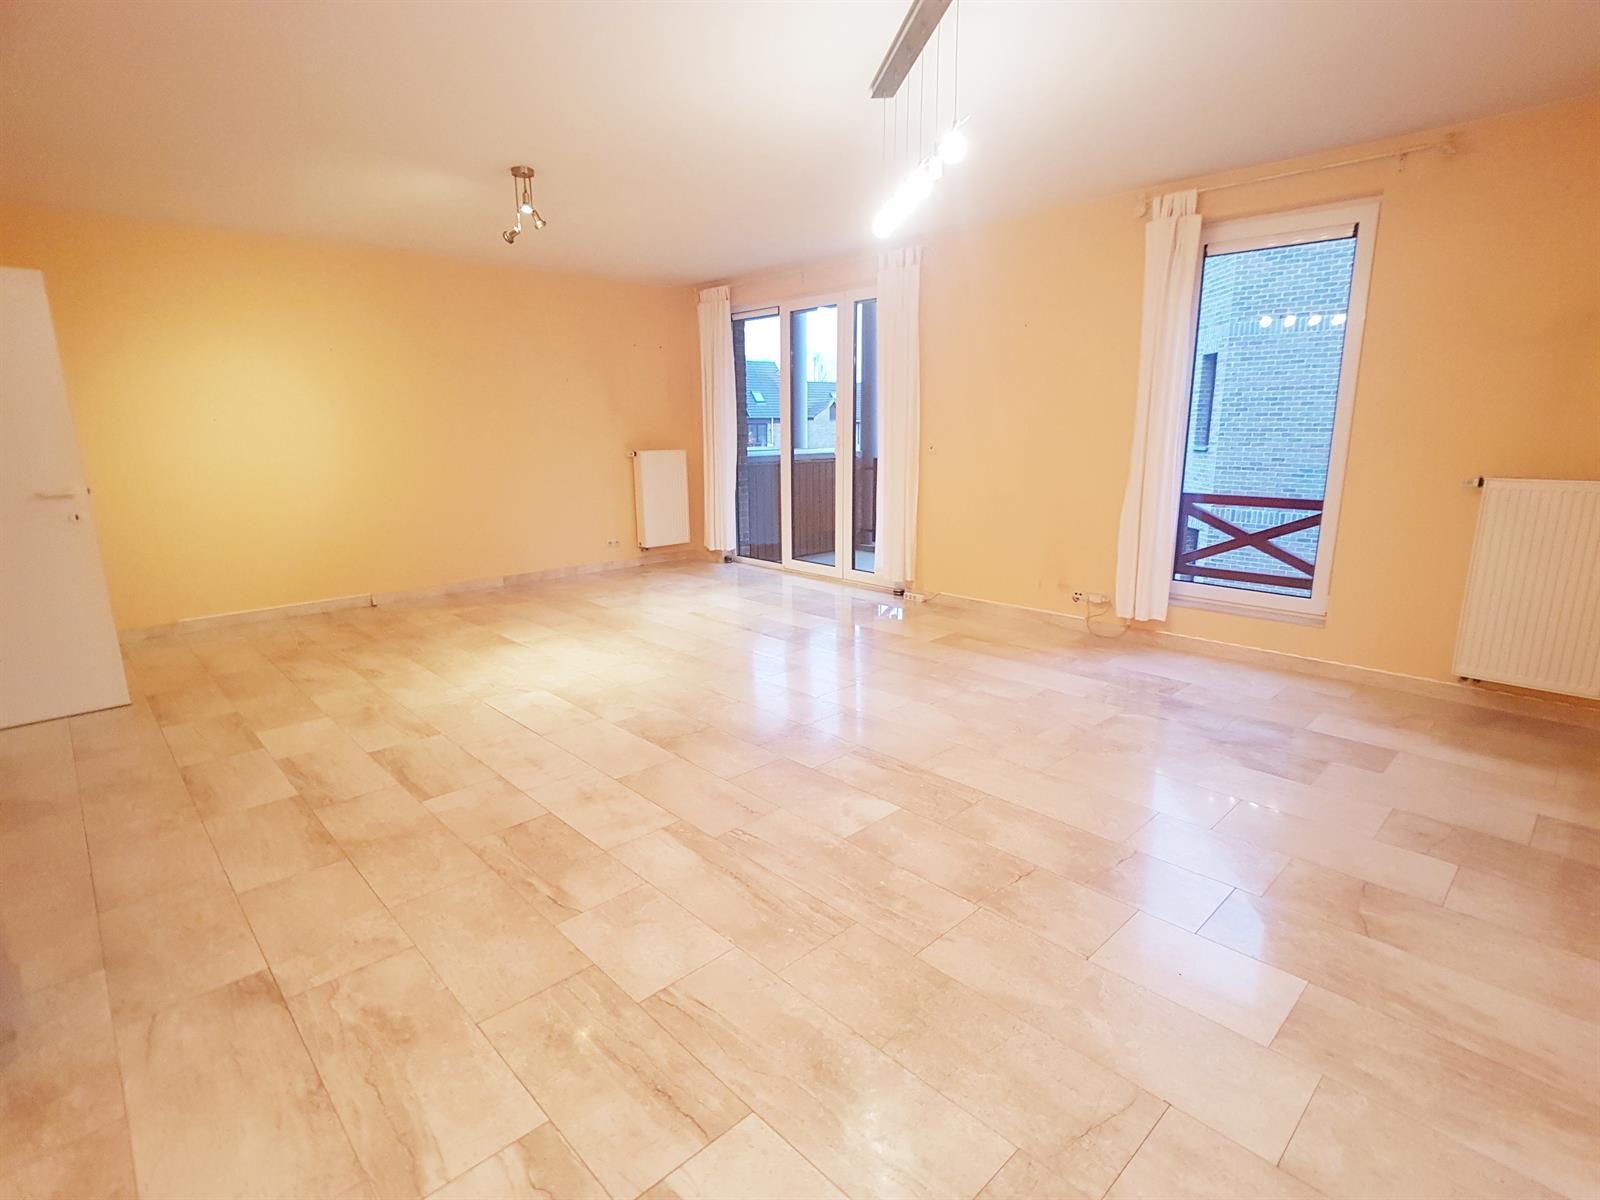 Appartement - Ottignies-Louvain-la-Neuve - #4254648-2